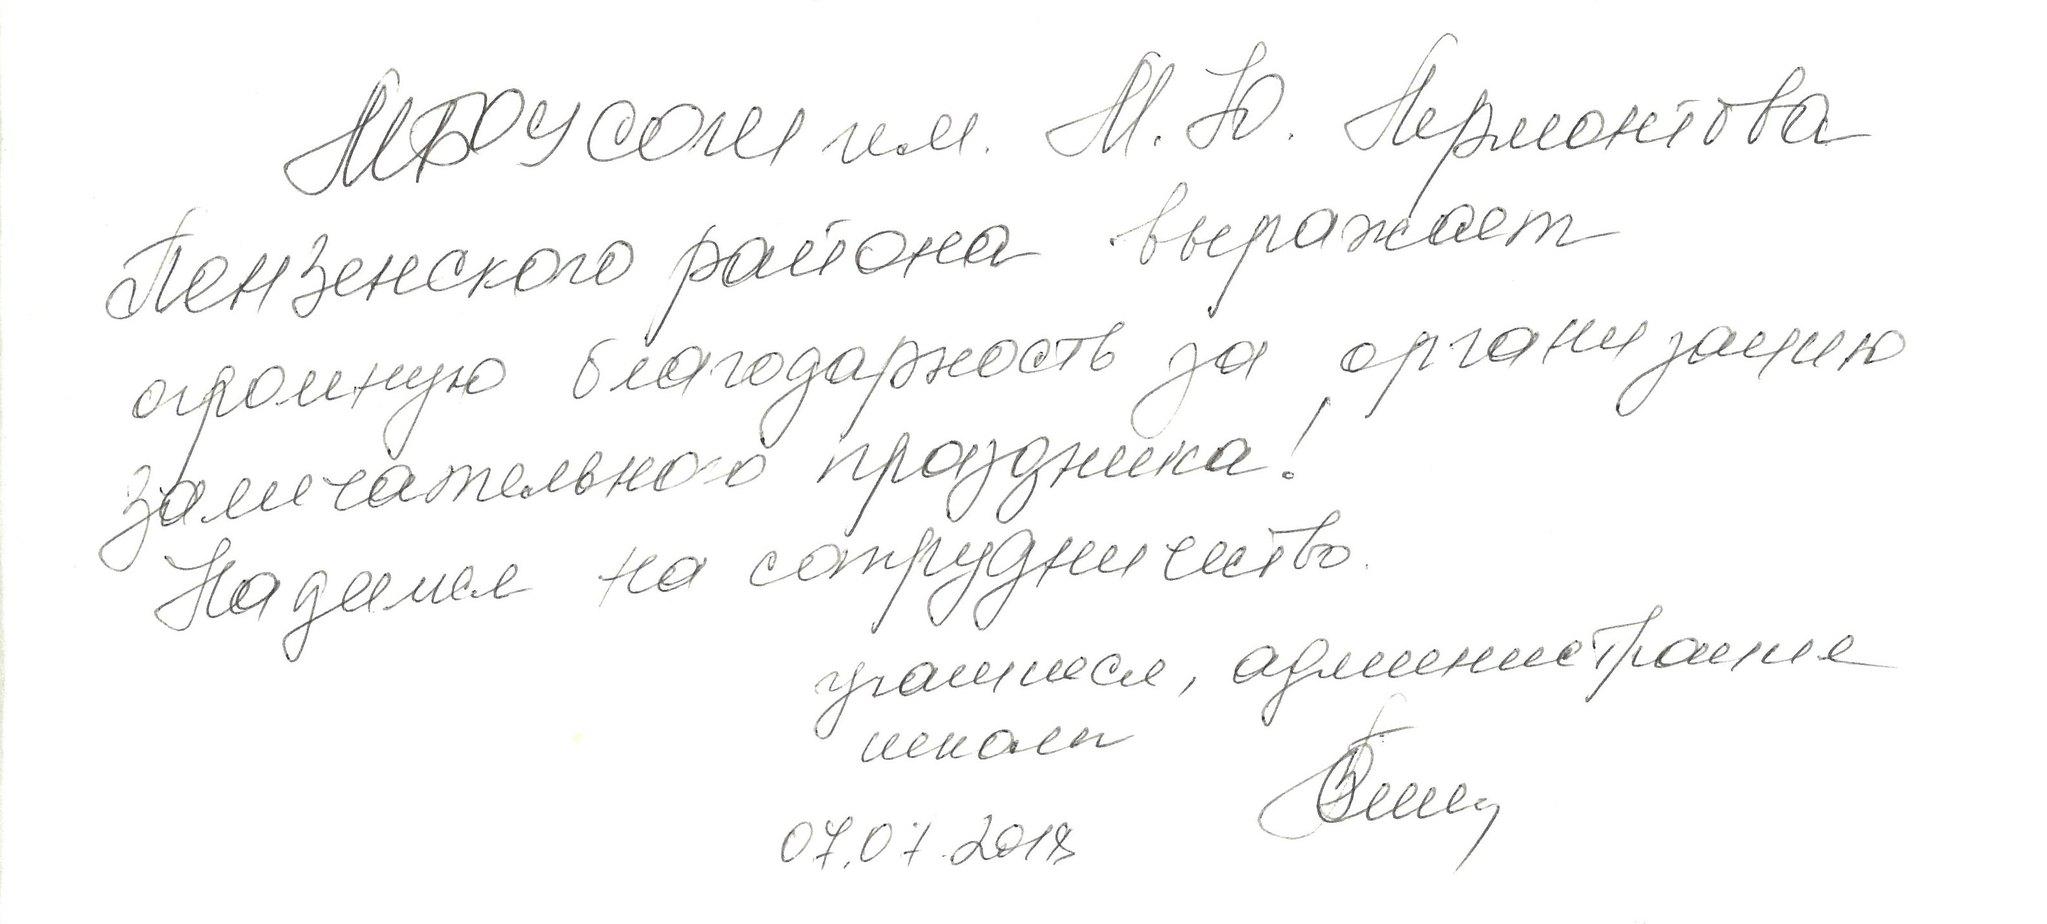 МБОУ СОШ им. М.Ю. Лермонтова